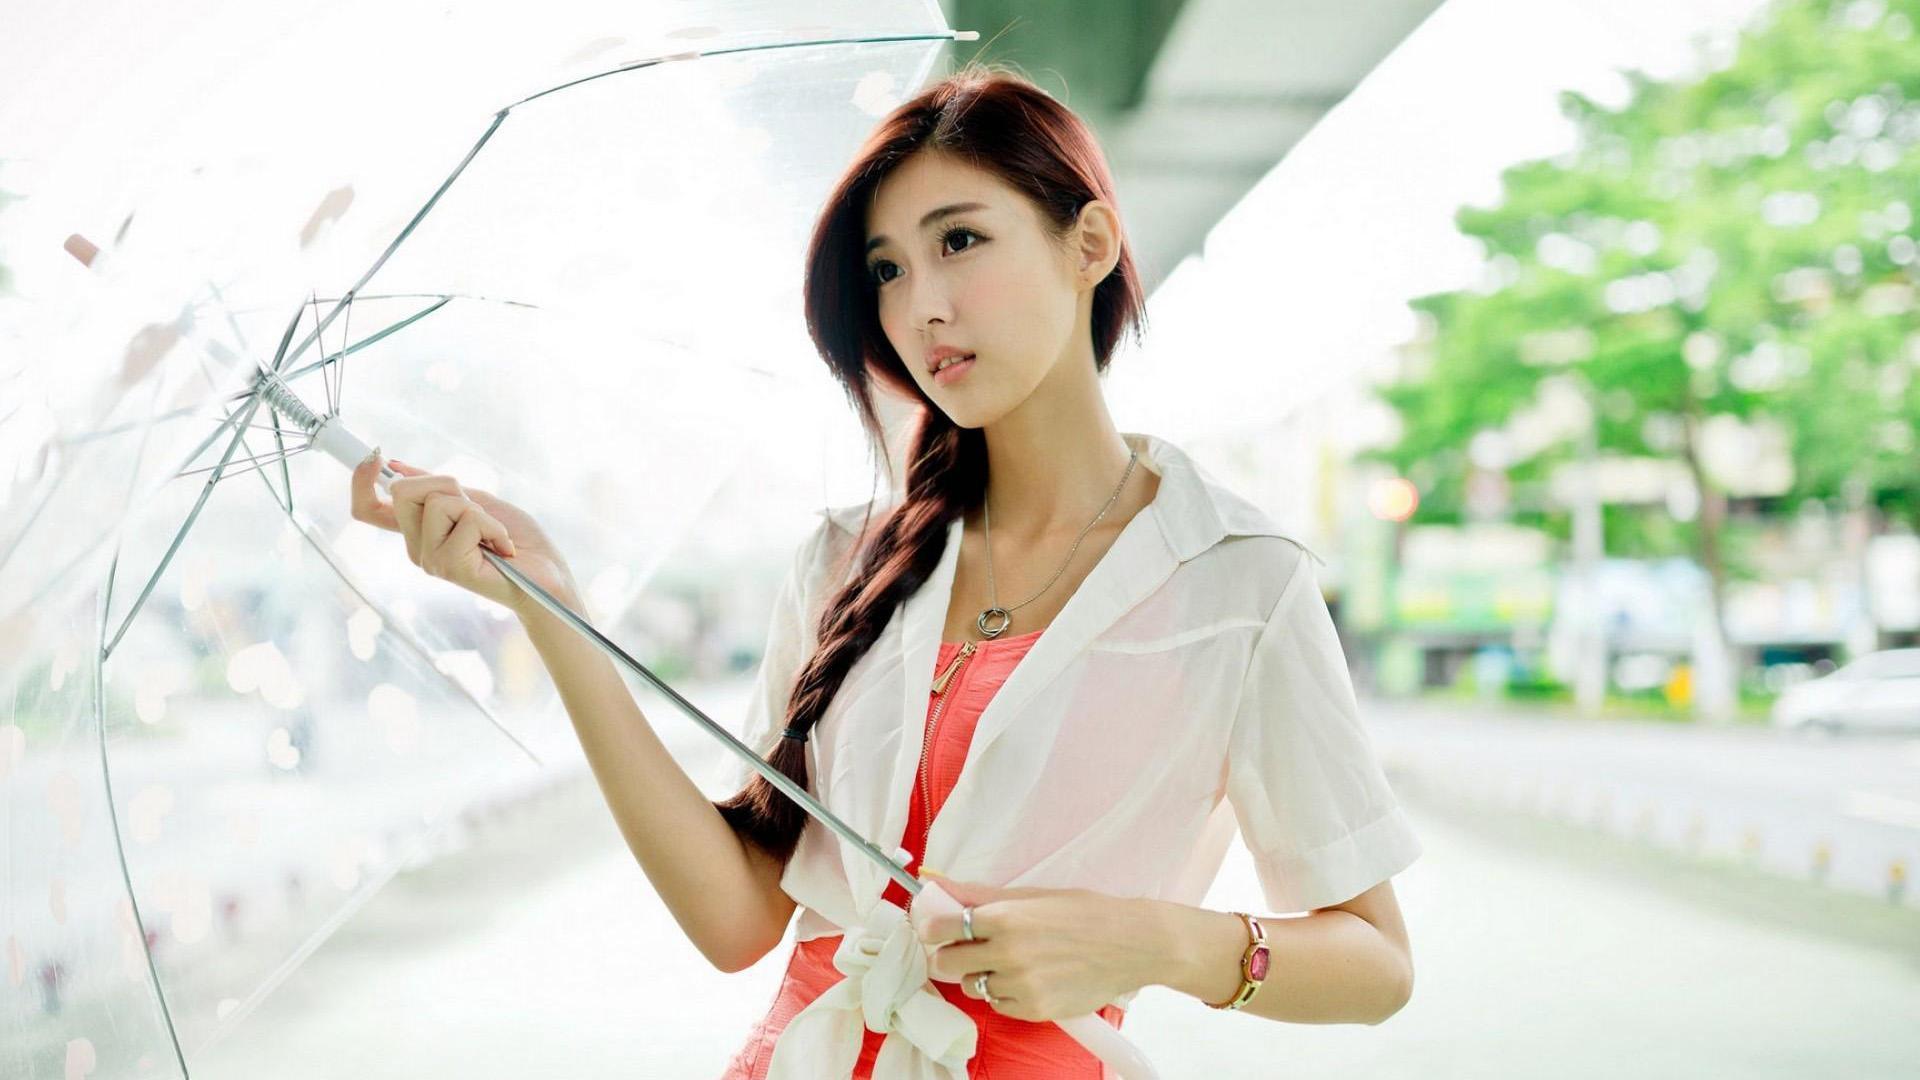 Cute Baby Girl Good Night Wallpaper Hd Kila Jingjing Liu Ting Ling Kila Jingjing Outdoor